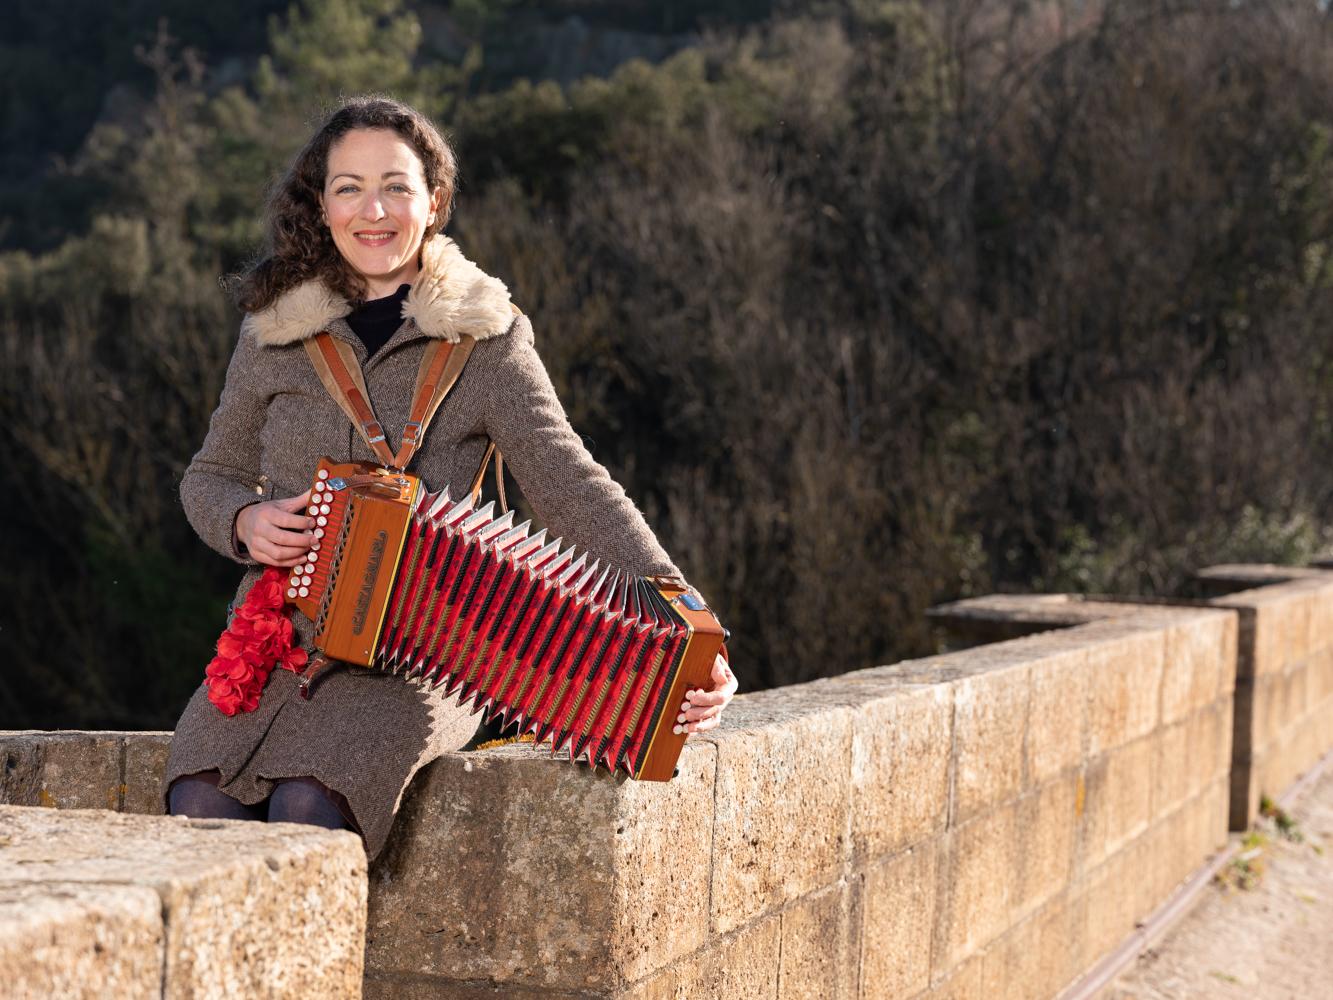 Hélène , musicothérapeute accordéoniste, Lamalou les bains usagers voie verte Parc naturel Haut-Languedoc région Occitanie